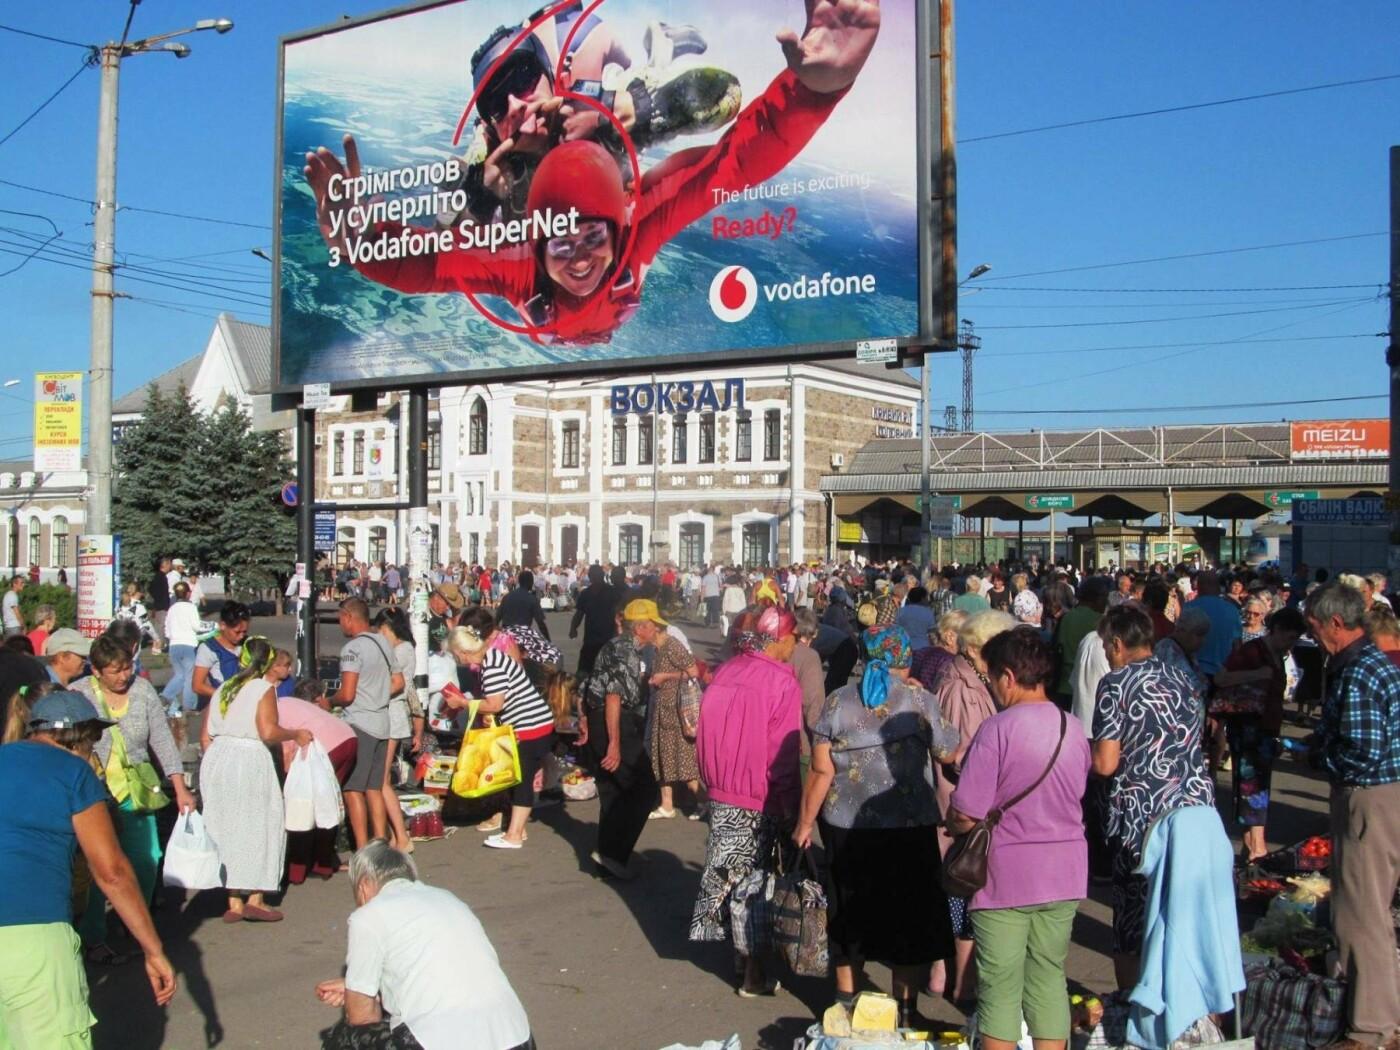 Базар-вокзал в Кривом Роге: Горожане предложили упорядочить стихийный рынок на Долгинцево, - ФОТО, фото-16